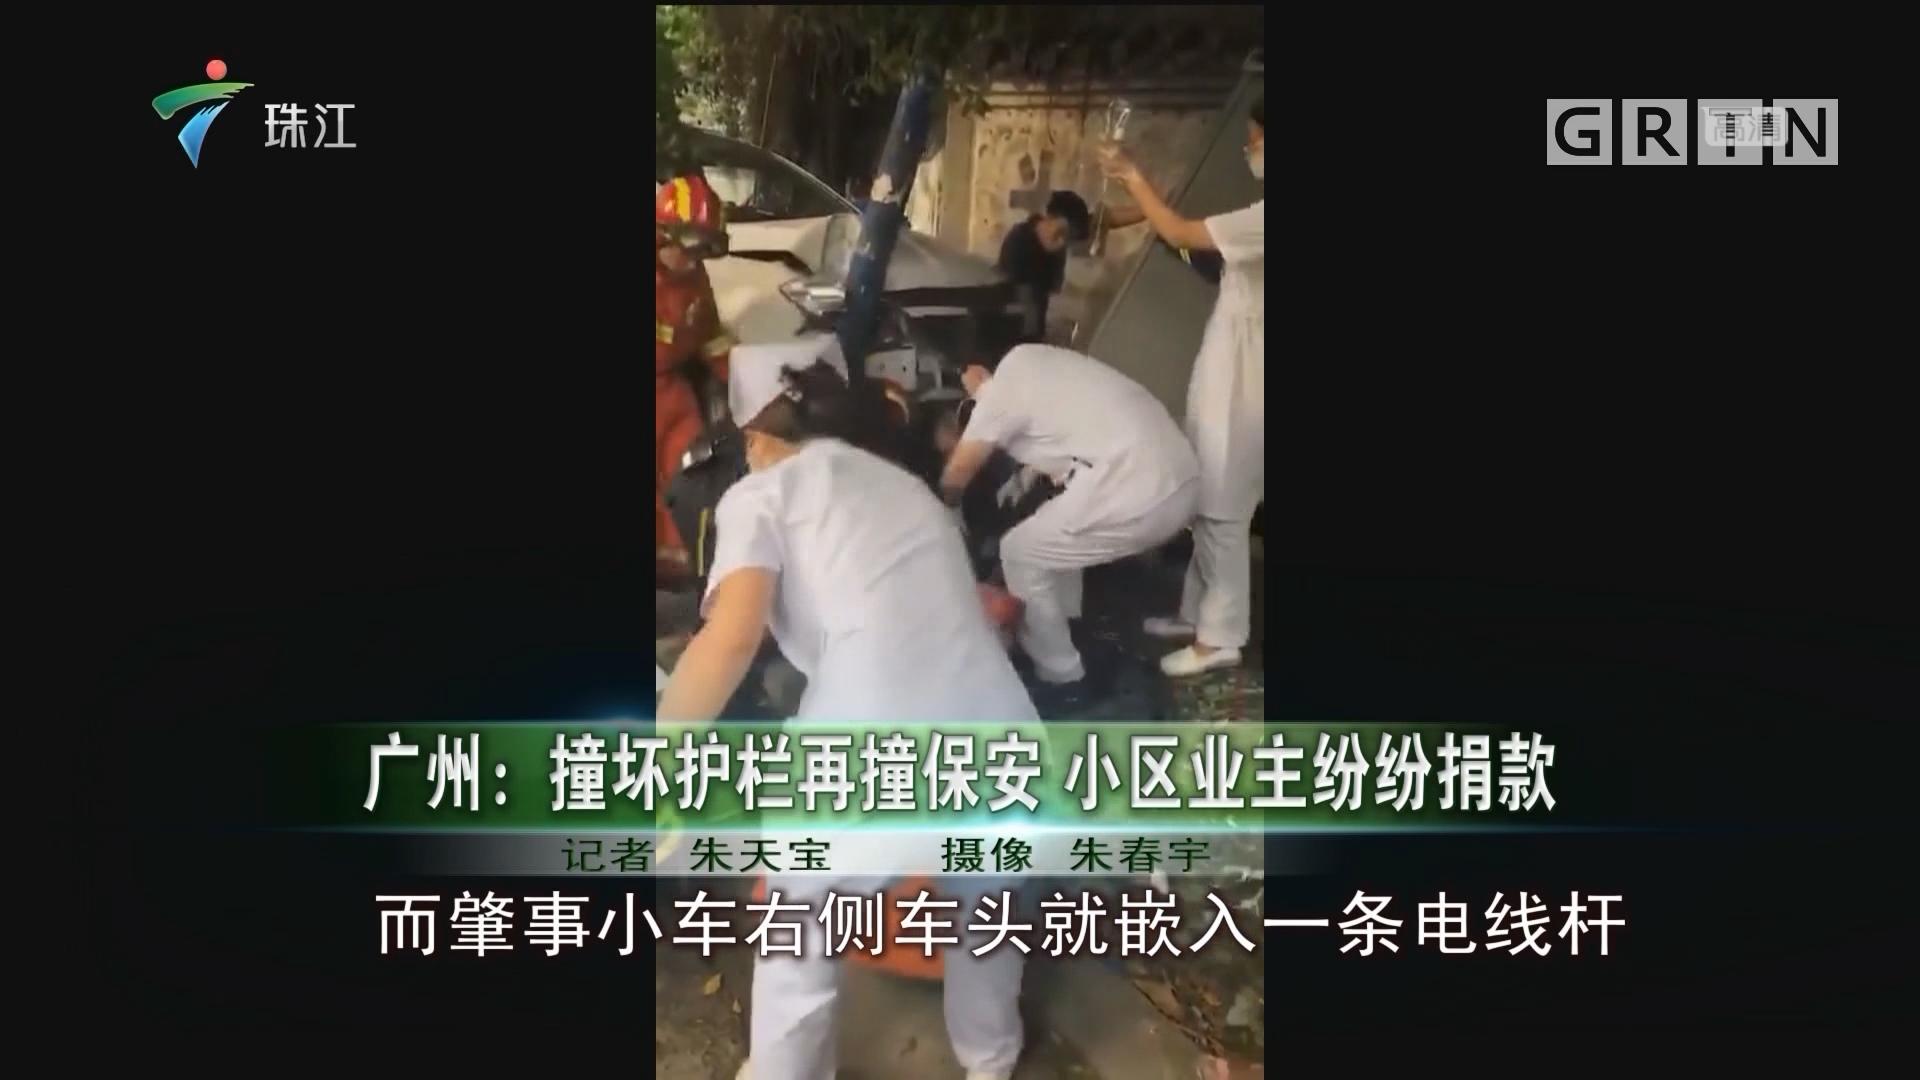 广州:撞坏护栏再撞保安 小区业主纷纷捐款